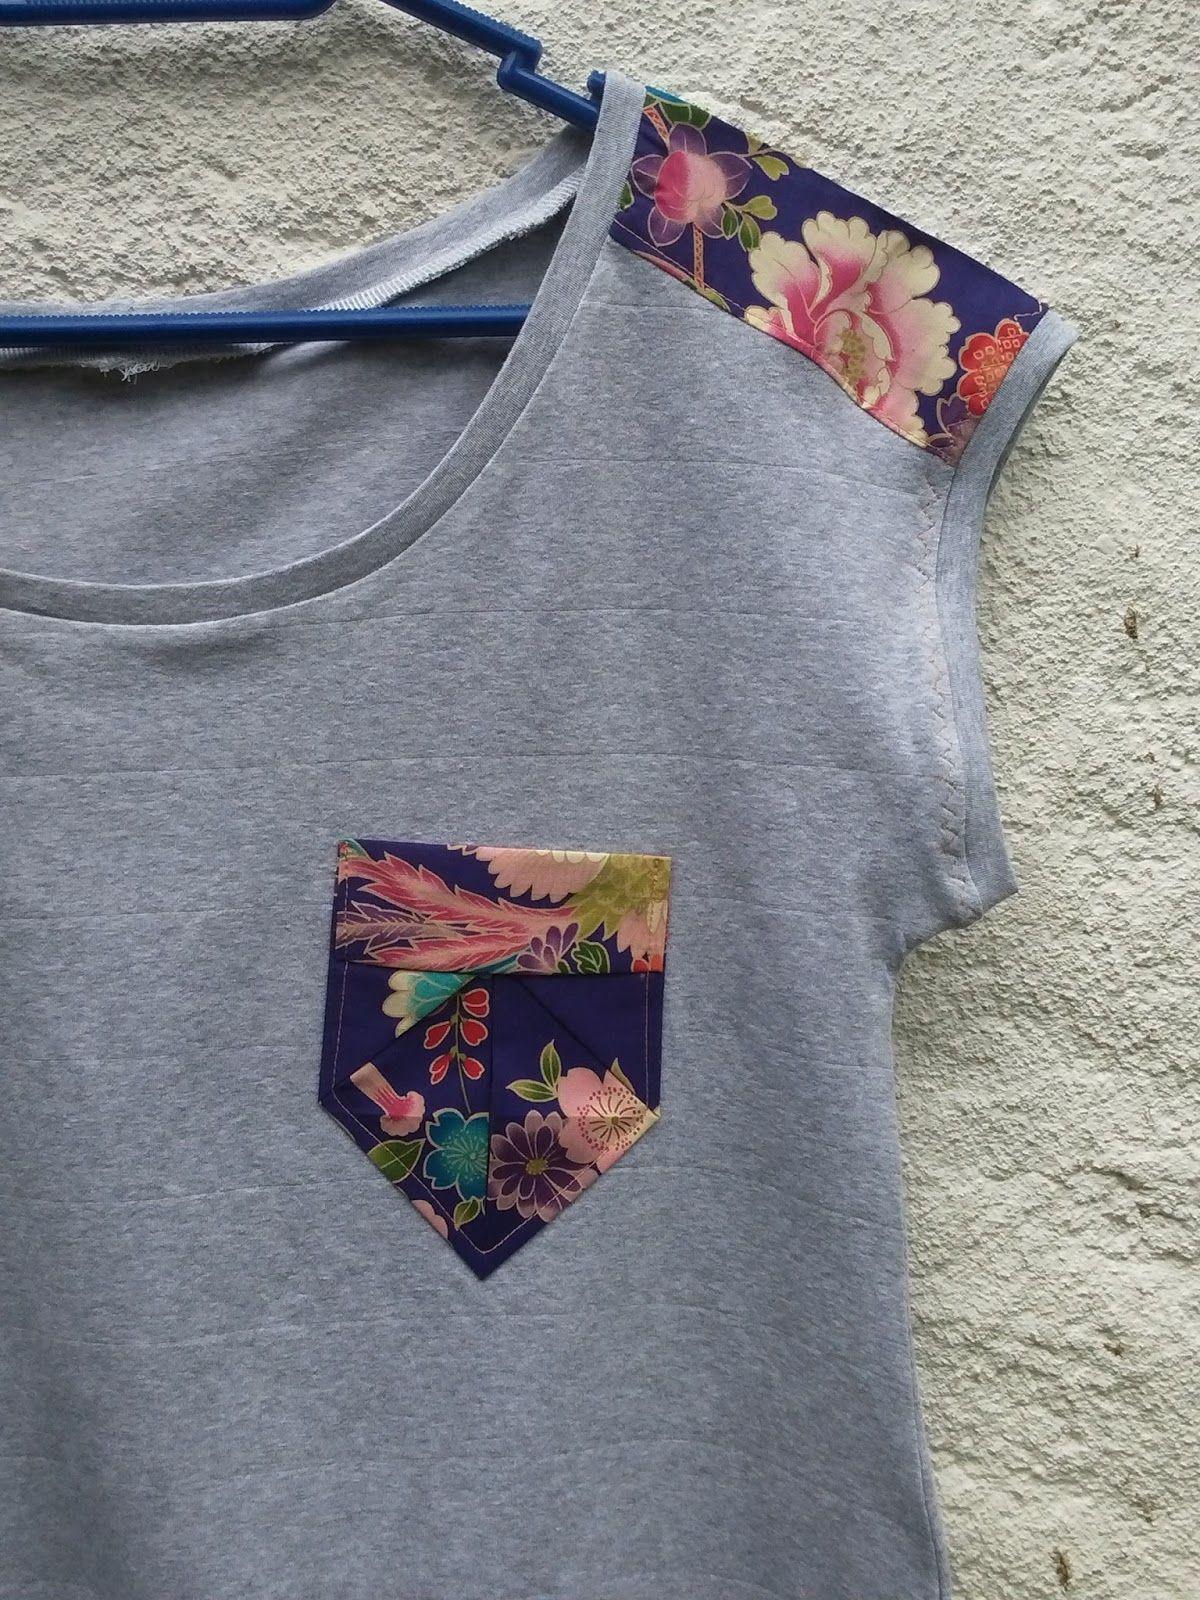 Pandielleando diy bolsillo origami sewing pinterest origami pandielleando diy bolsillo origami thecheapjerseys Gallery